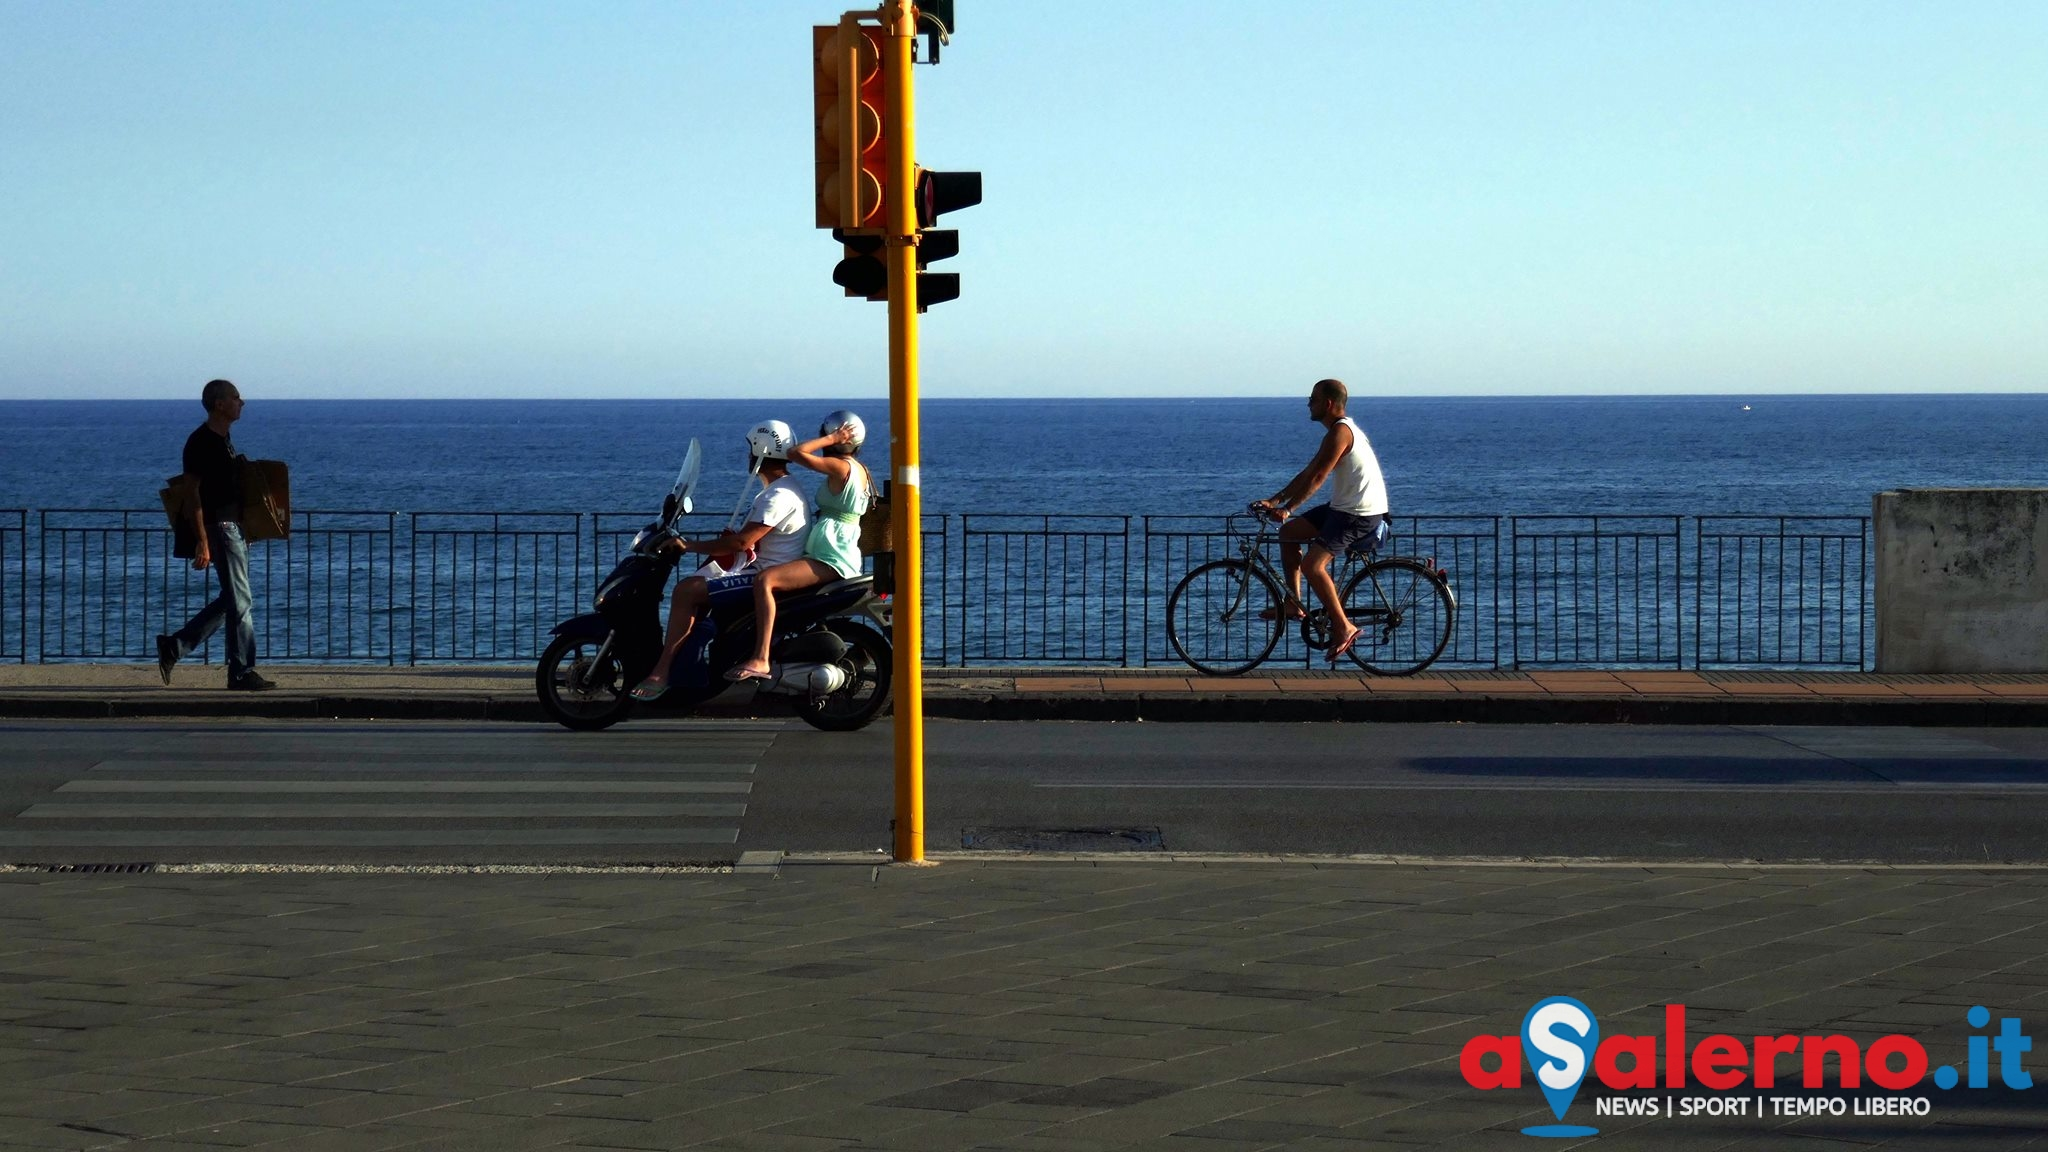 mobilità pista ciclabile bicicletta biciclette